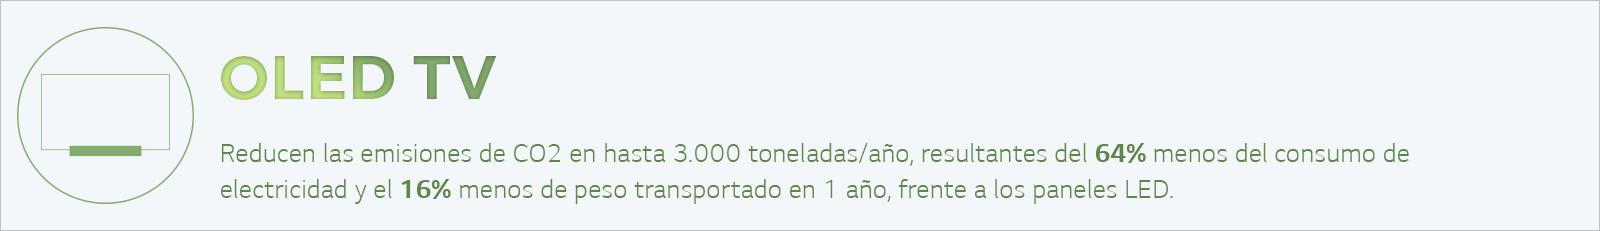 1600x231_oled